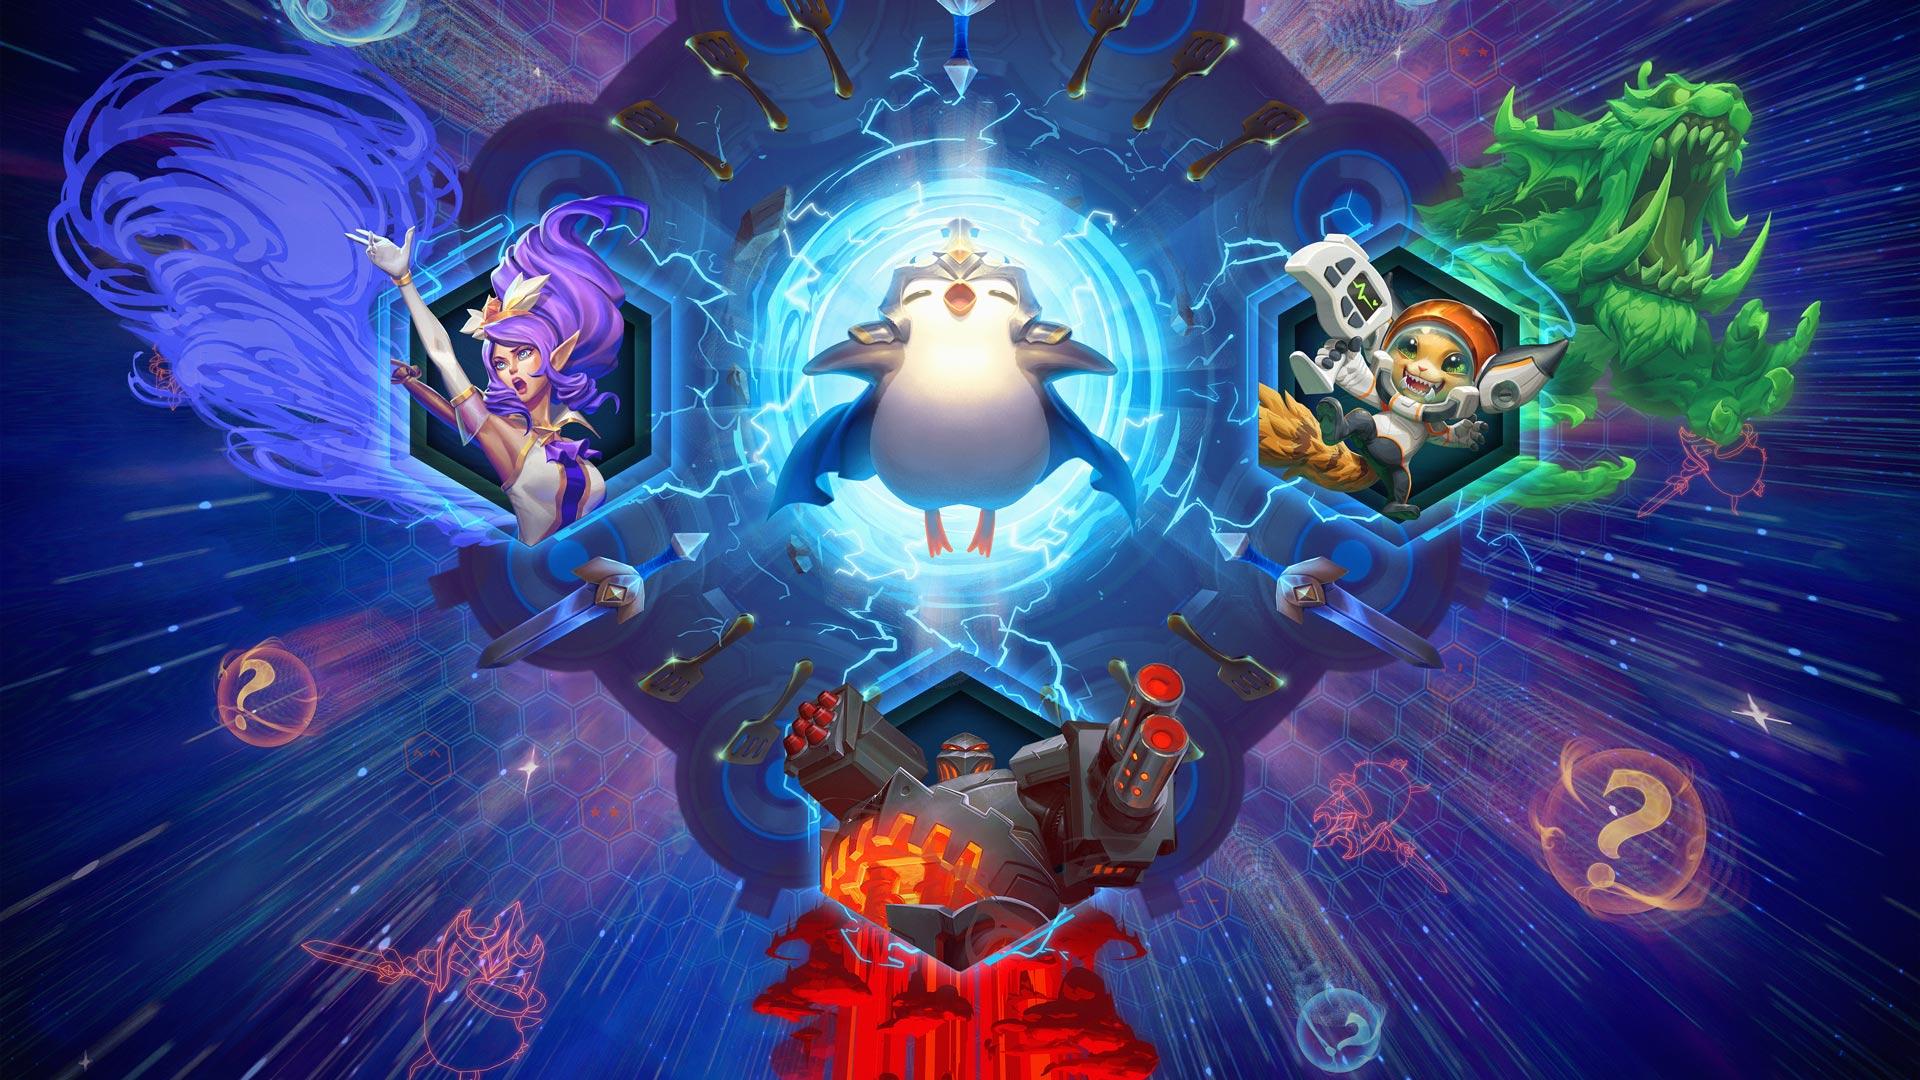 Atualização nas Recompensas Ranqueadas do TFT - League of Legends